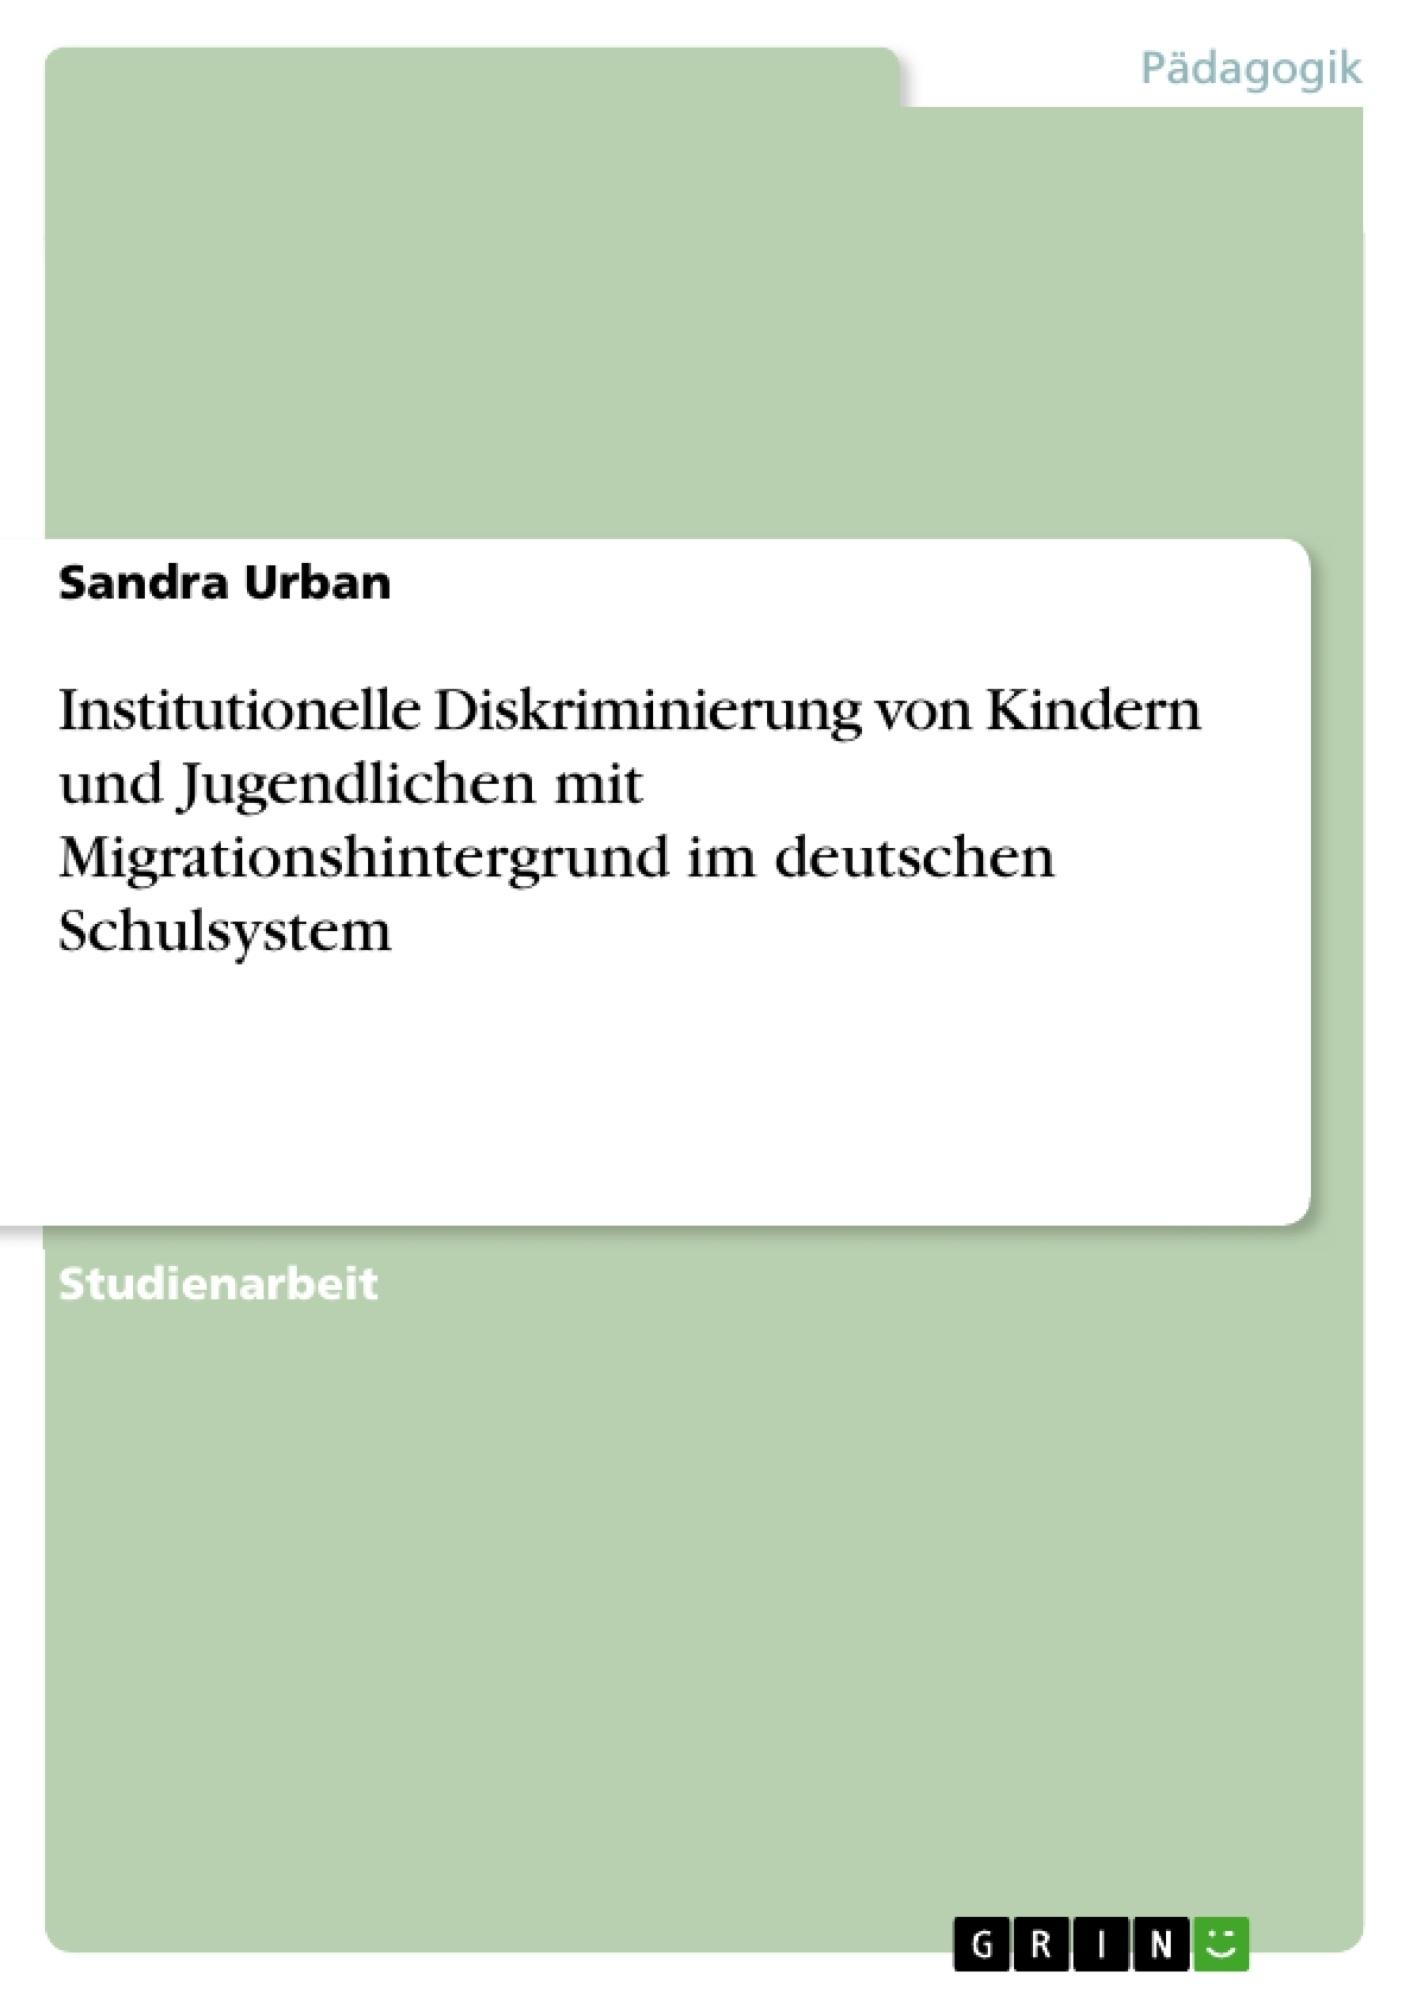 Titel: Institutionelle Diskriminierung von Kindern und Jugendlichen mit Migrationshintergrund im deutschen Schulsystem